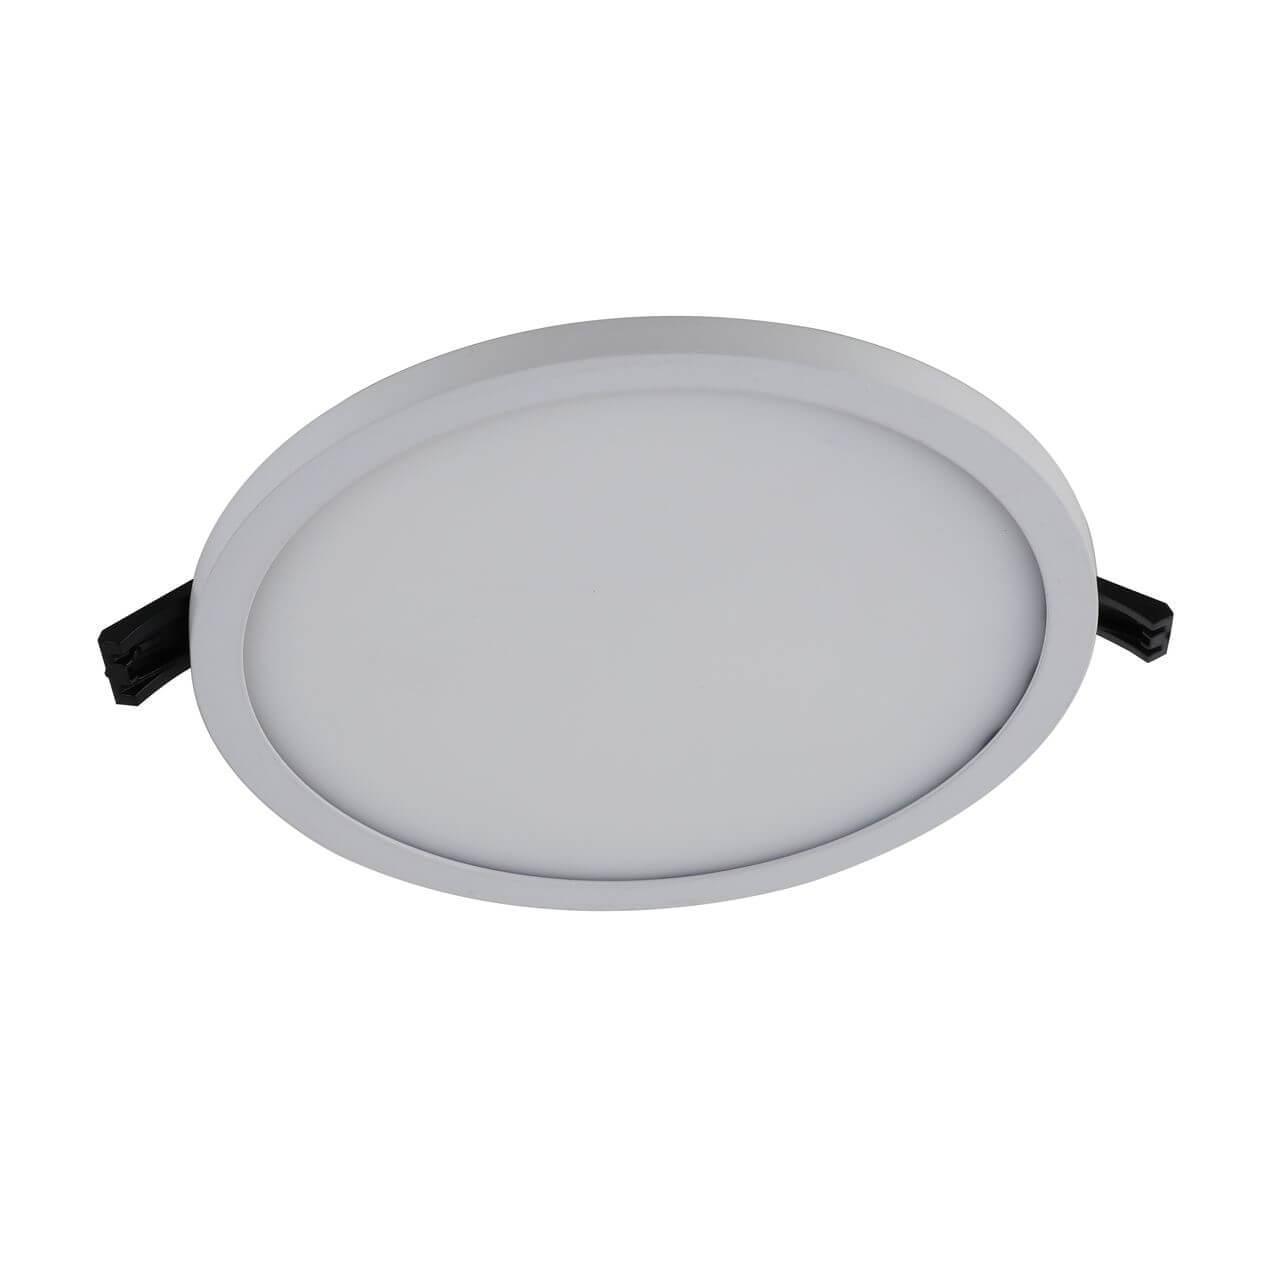 Встраиваемый светодиодный светильник Favourite Flashled 2067-24C встраиваемый светильник favourite flashled 1341 24c